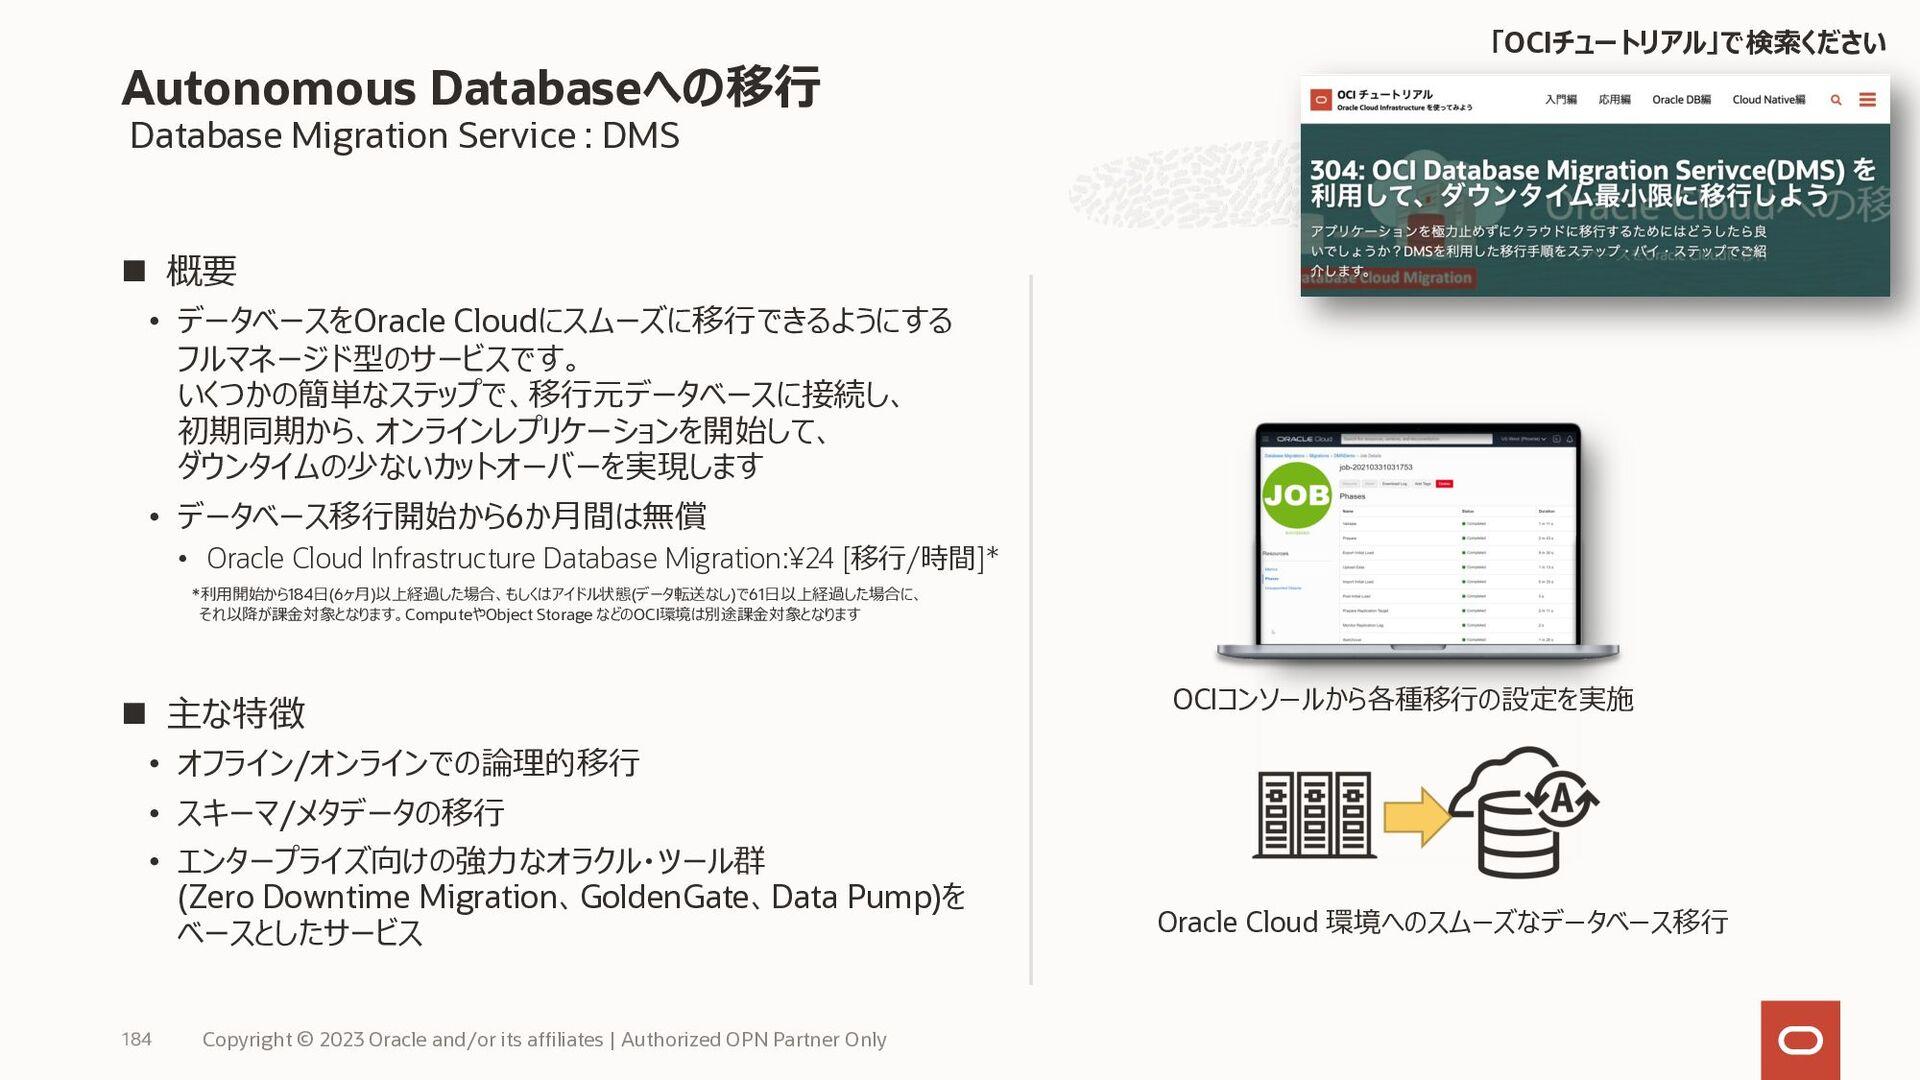 開発ツール Copyright © 2021, Oracle and/or its affil...